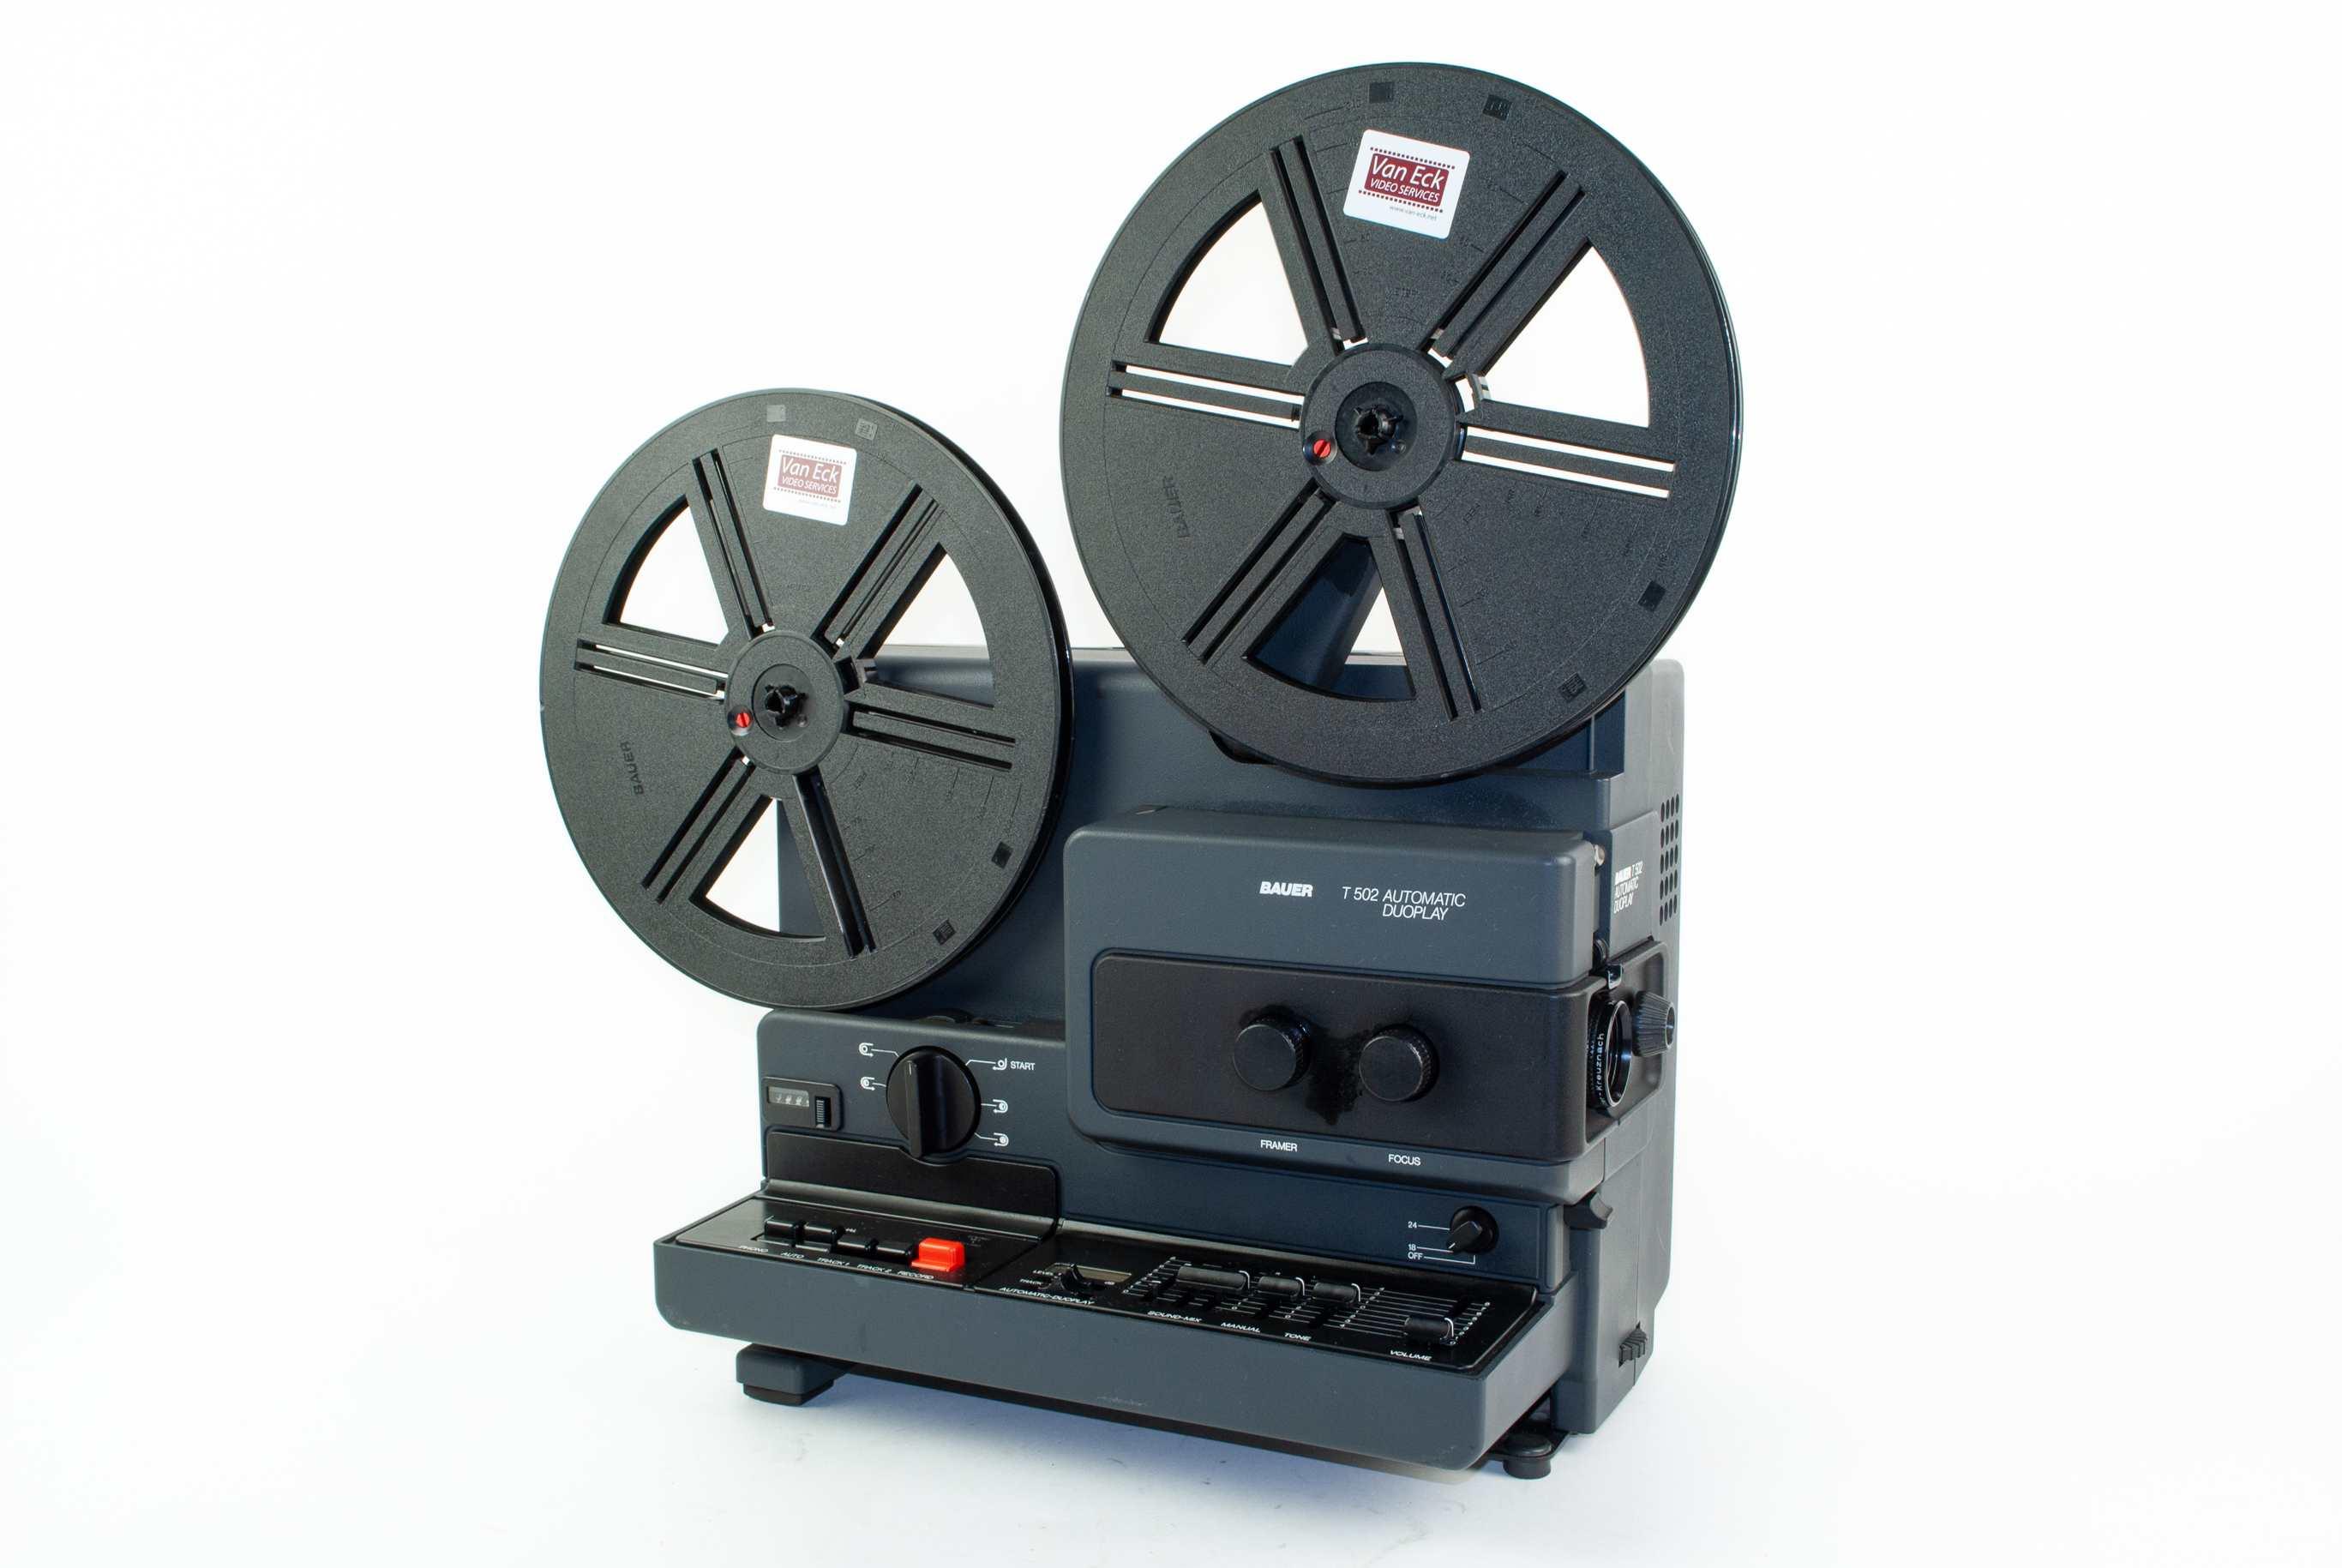 Bauer T502 Automatic Duoplay (super8 met geluid) (gebruikt)